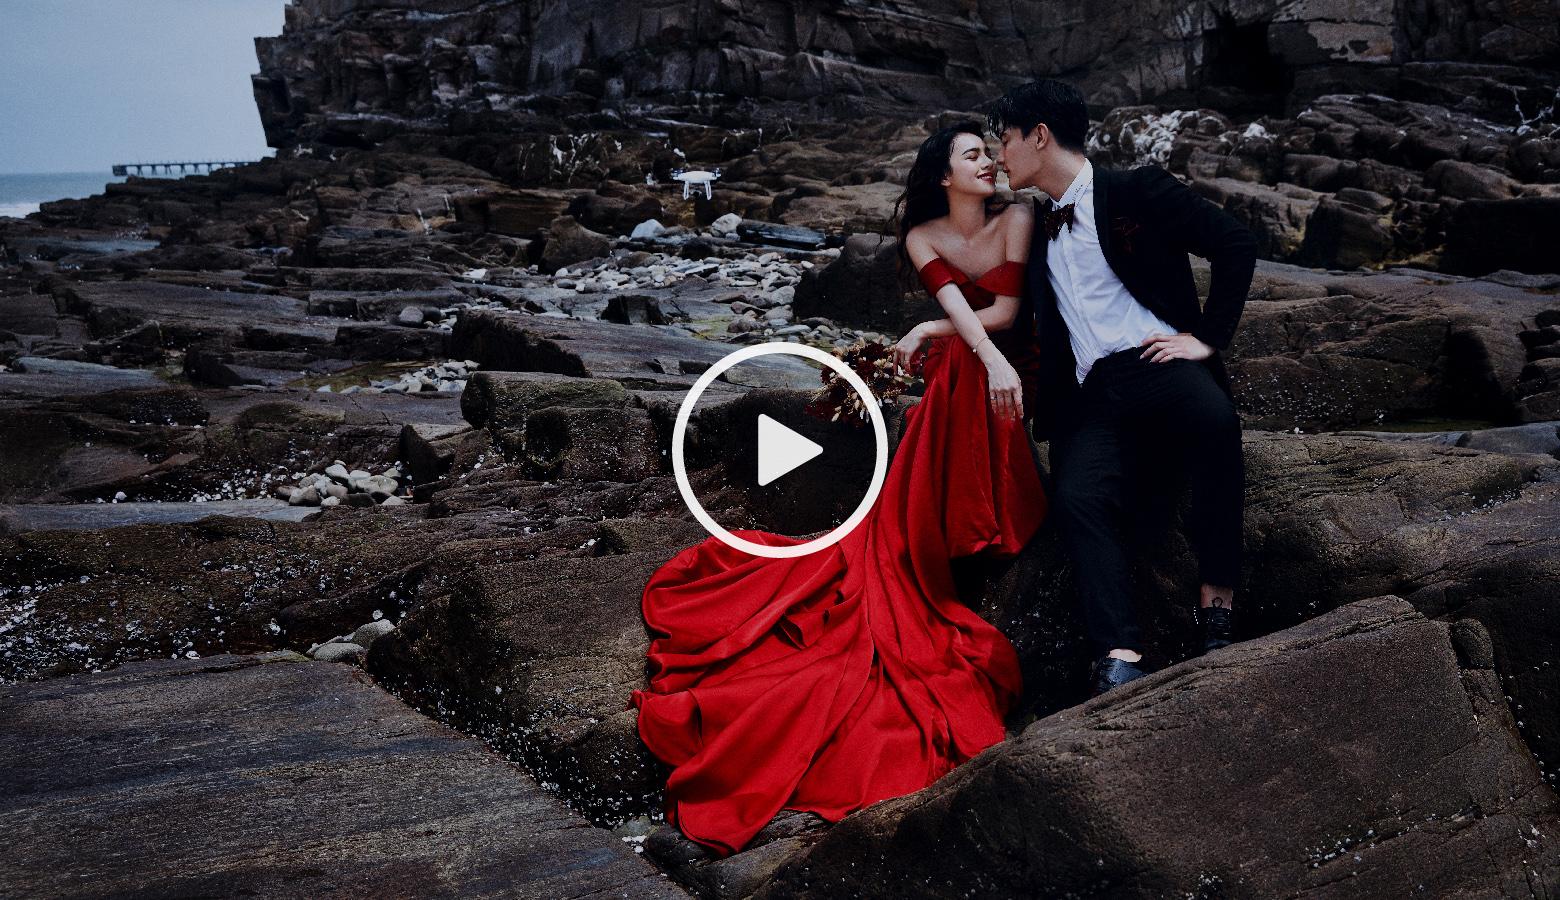 九五至尊vi婚纱摄影-一站式海景私享派